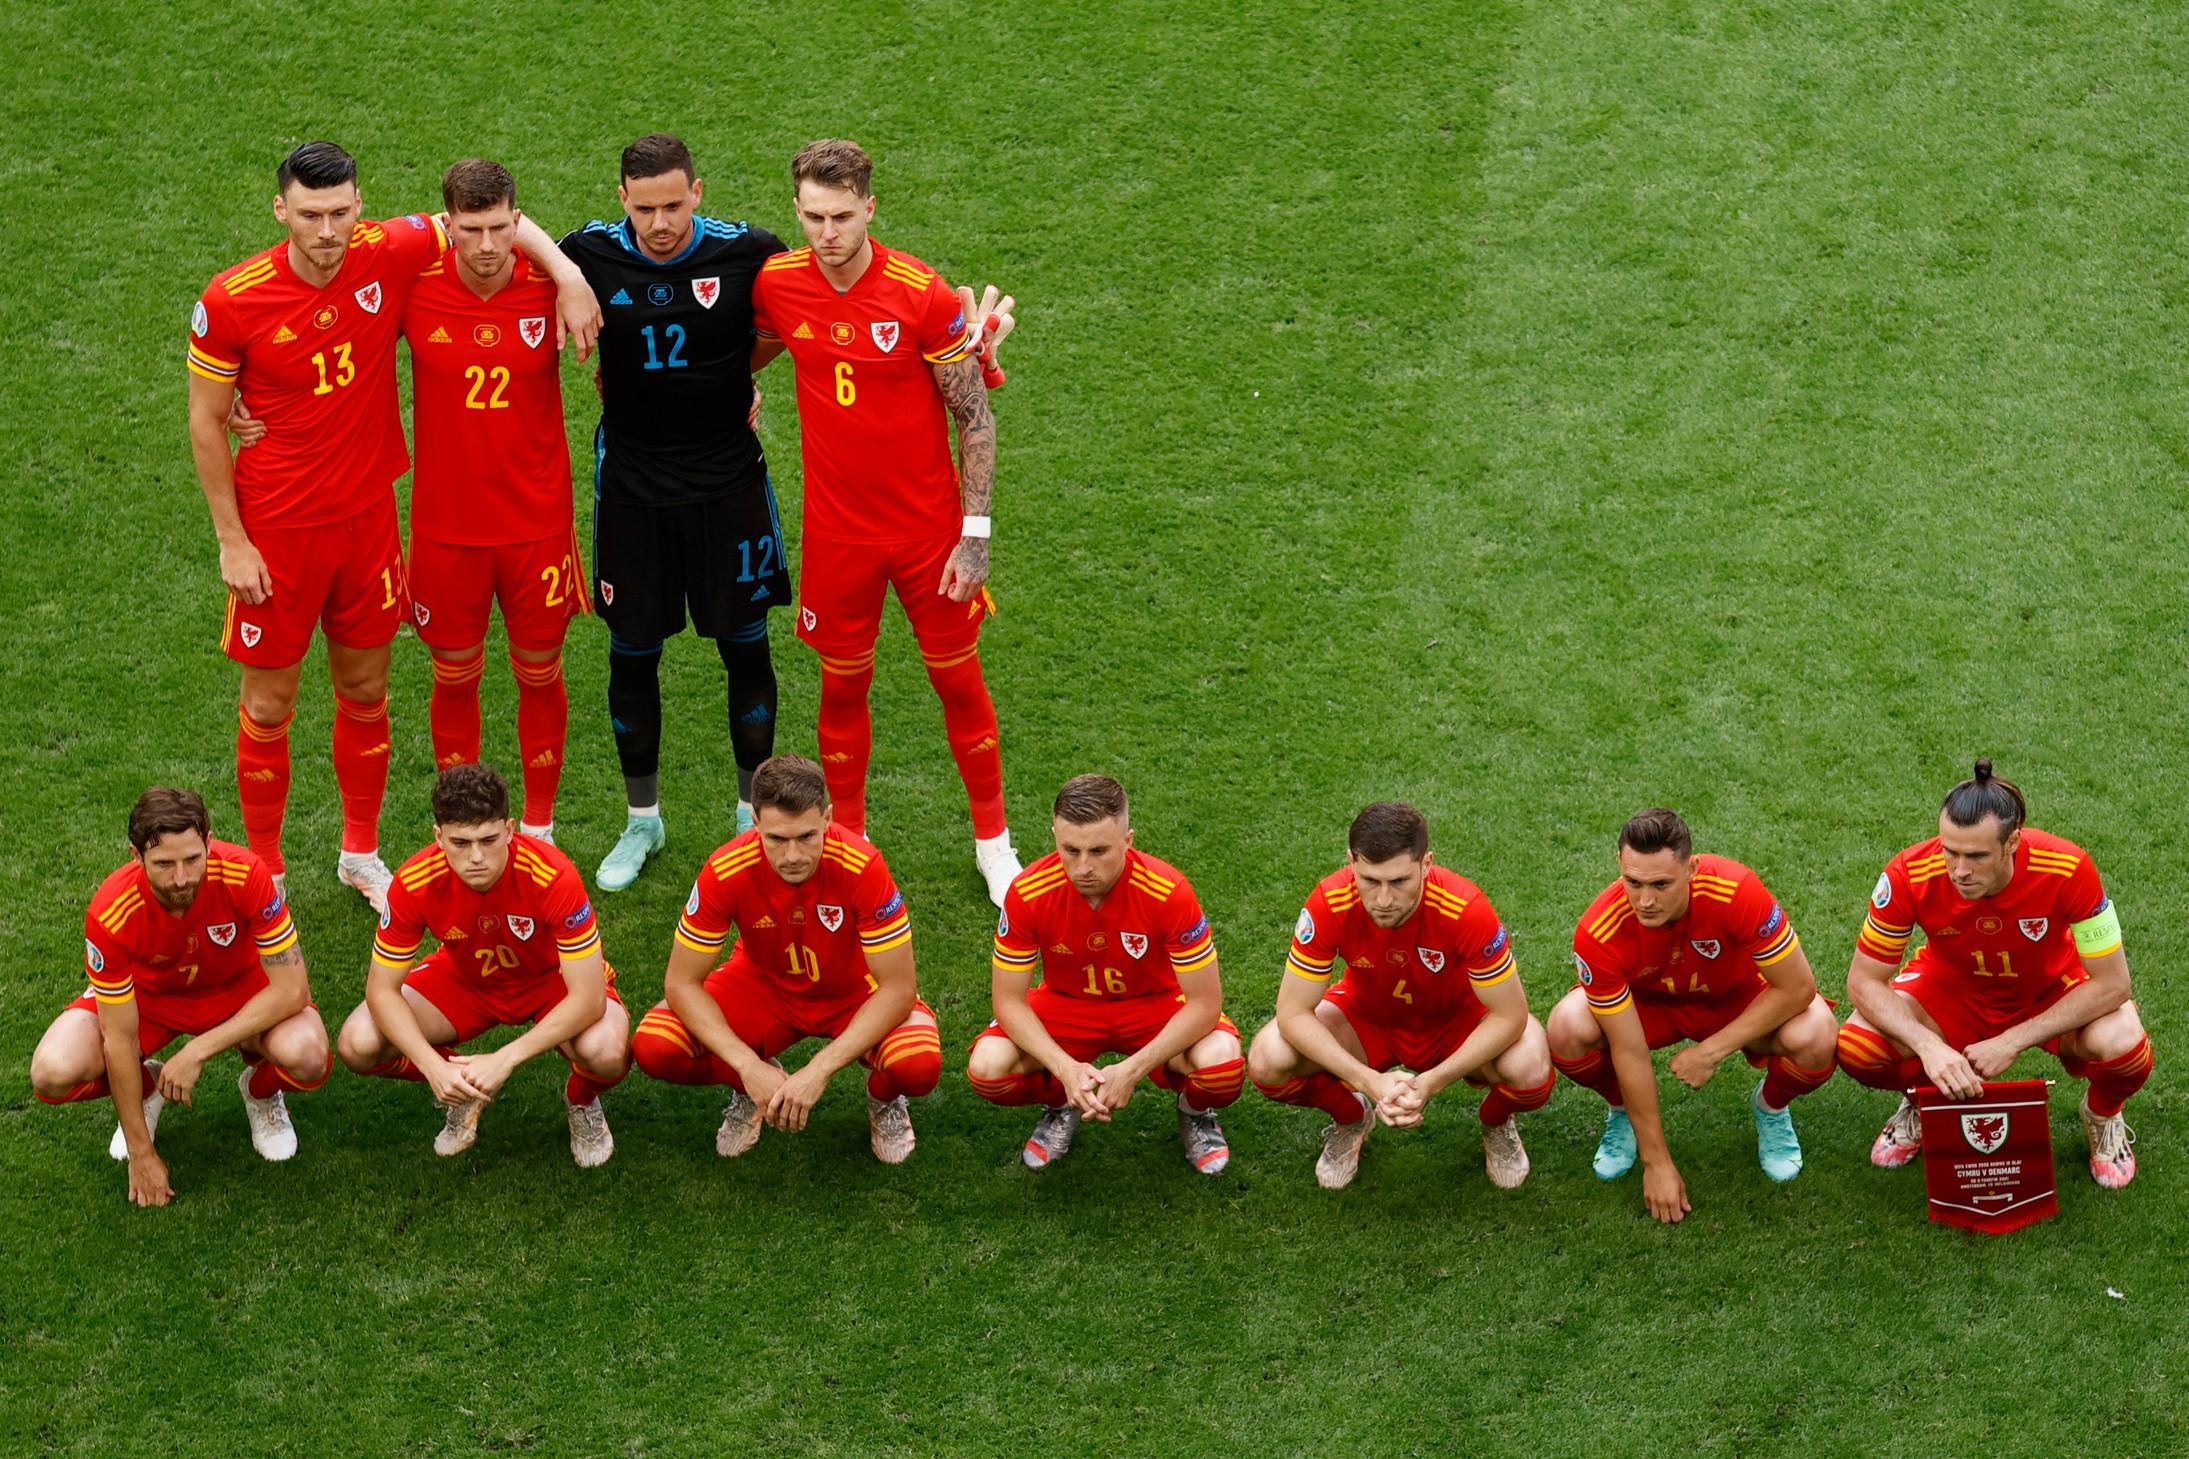 Come ormai loro abitudine da tempo, anche nel match perso per 4-0 contro la Danimarca i giocatori del Galles hanno posato per la consueta foto di squadra in forma asimmetrica. Una tradizione iniziata nel 2016 e che, fino a questo momento, aveva portato fortuna alla nazionale allenata attualmente dal Ct Page.<br /><br />